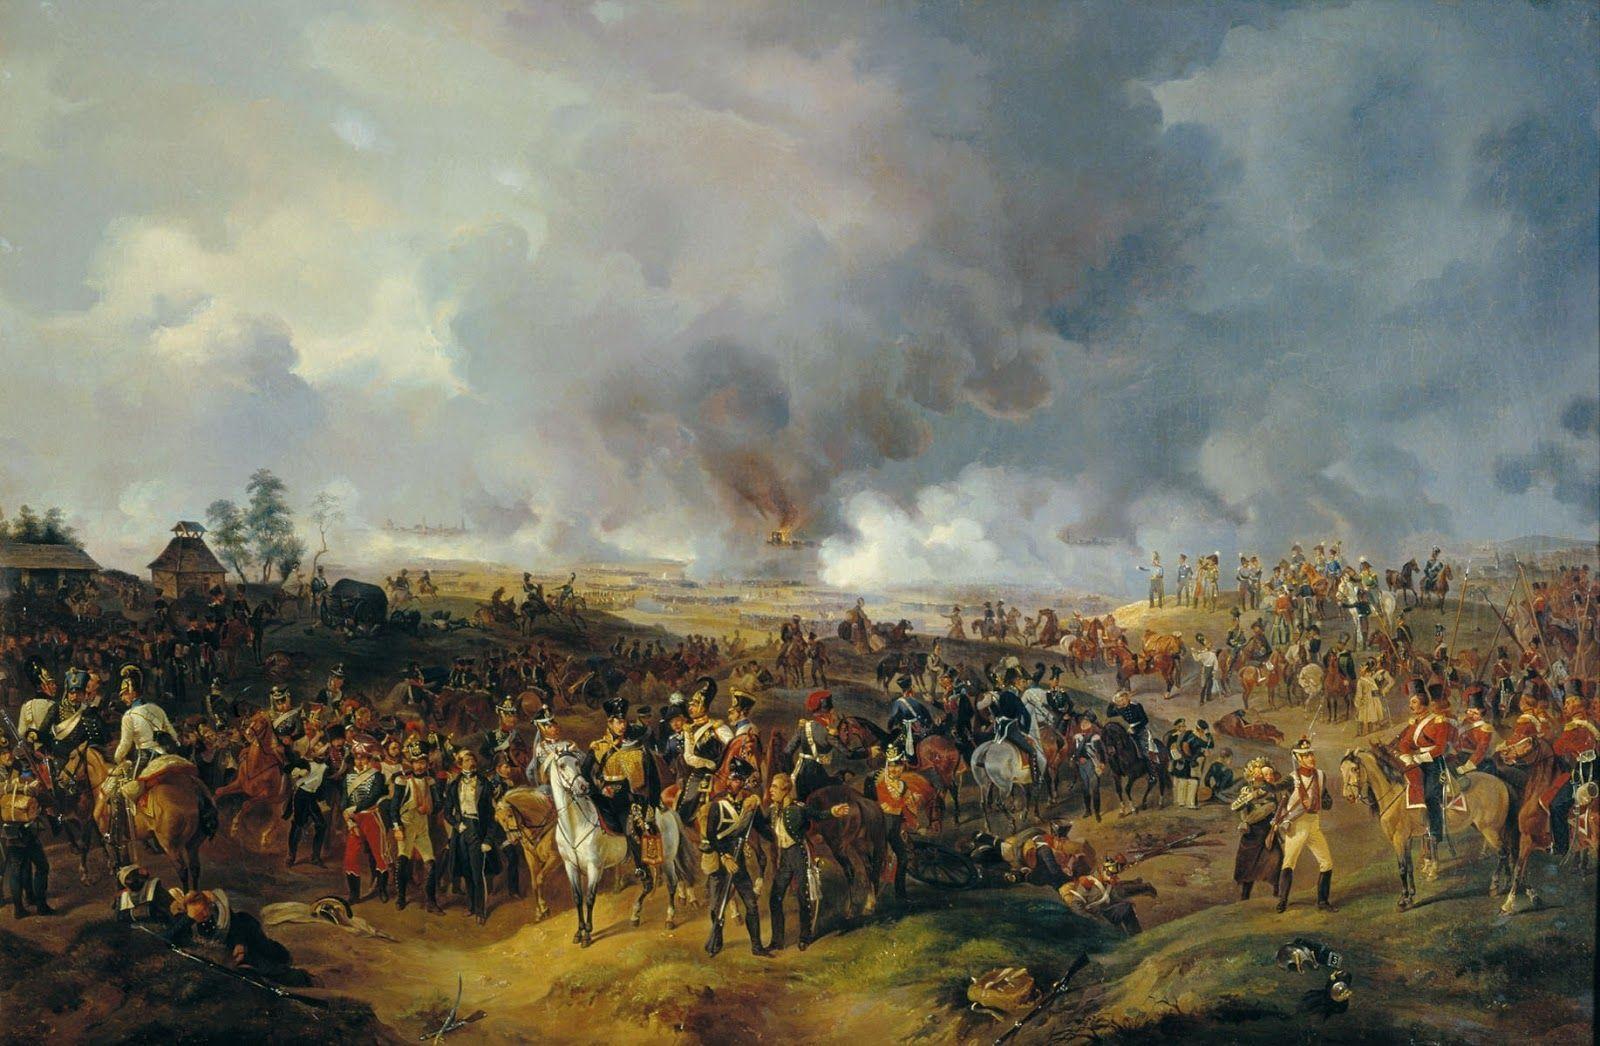 La Batalla de Leipzig, donde Napoleón sufrió su peor derrota. ¿Qué coalición se alzó con la victoria?